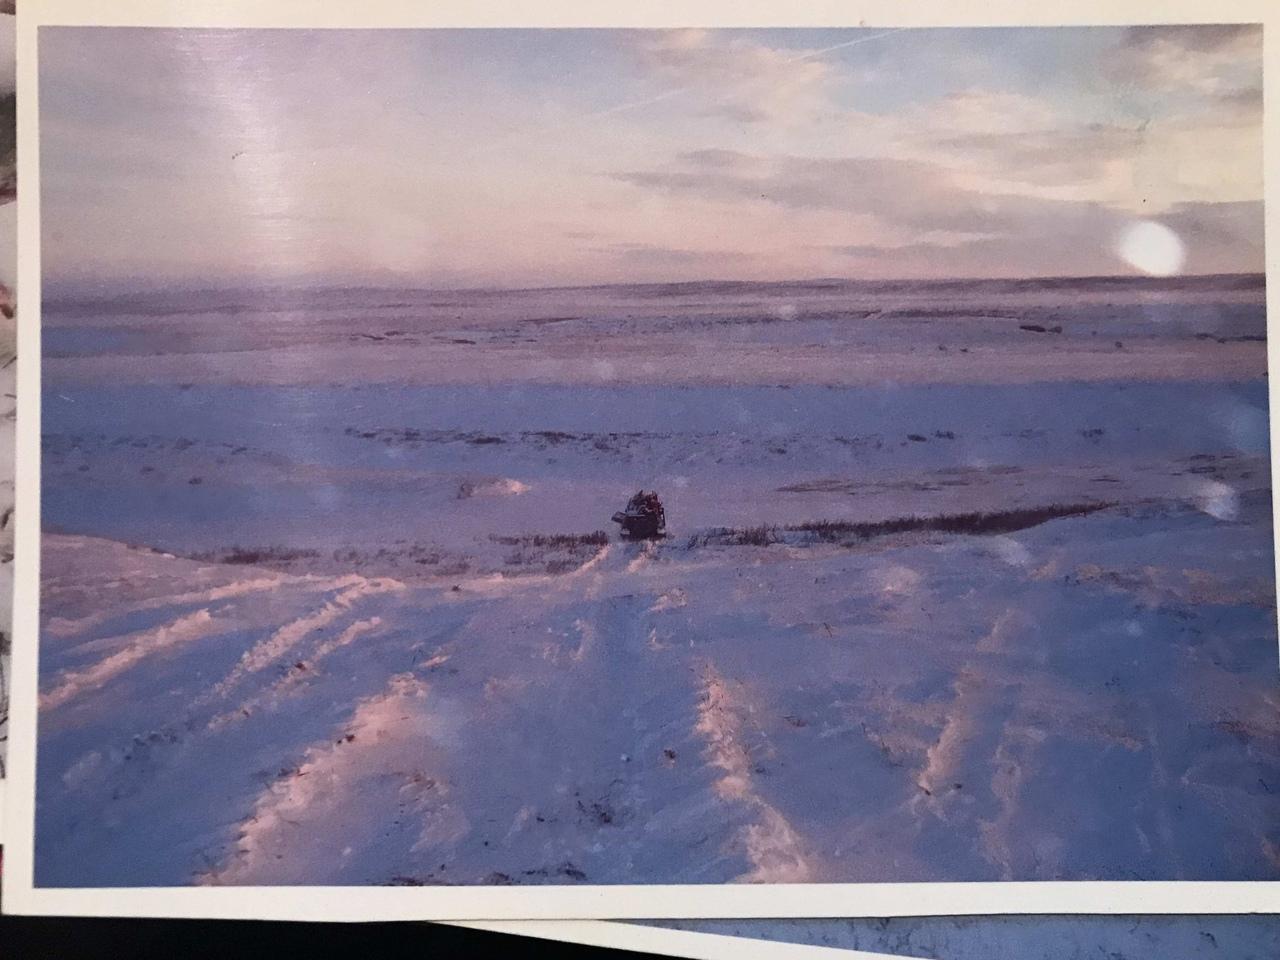 Фото Человек-тундра: 77-летний пенсионер из Томска отправился в дикую глушь, чтобы сжечь охотничью базу погибшего сына 6